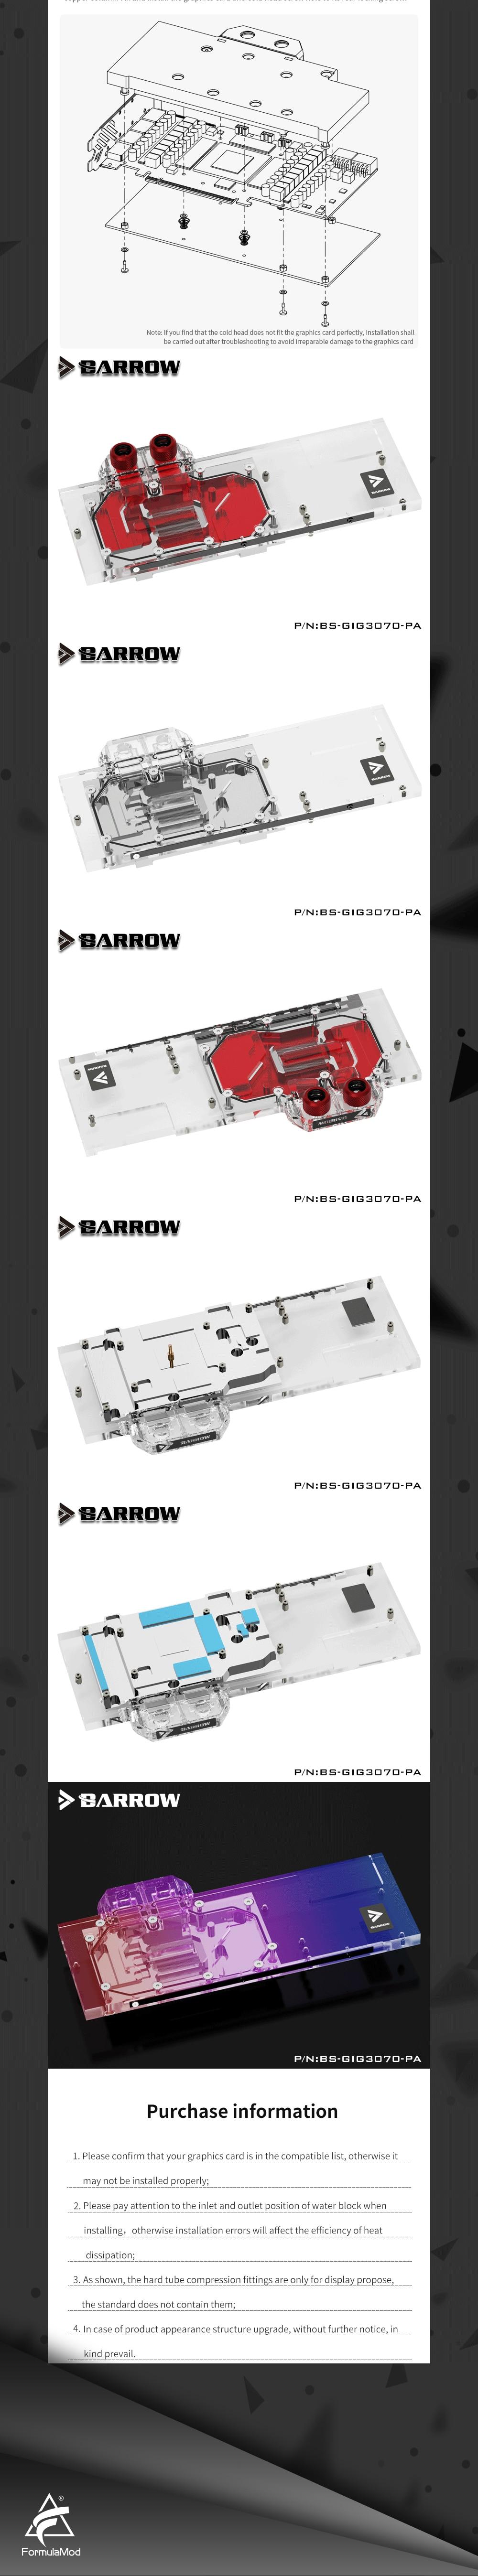 Barrow 3070 GPU Water Block for GIGABYTE Geforce RTX 3070 GAMING OC, Full Cover ARGB GPU Cooler, BS-GIG3070-PA